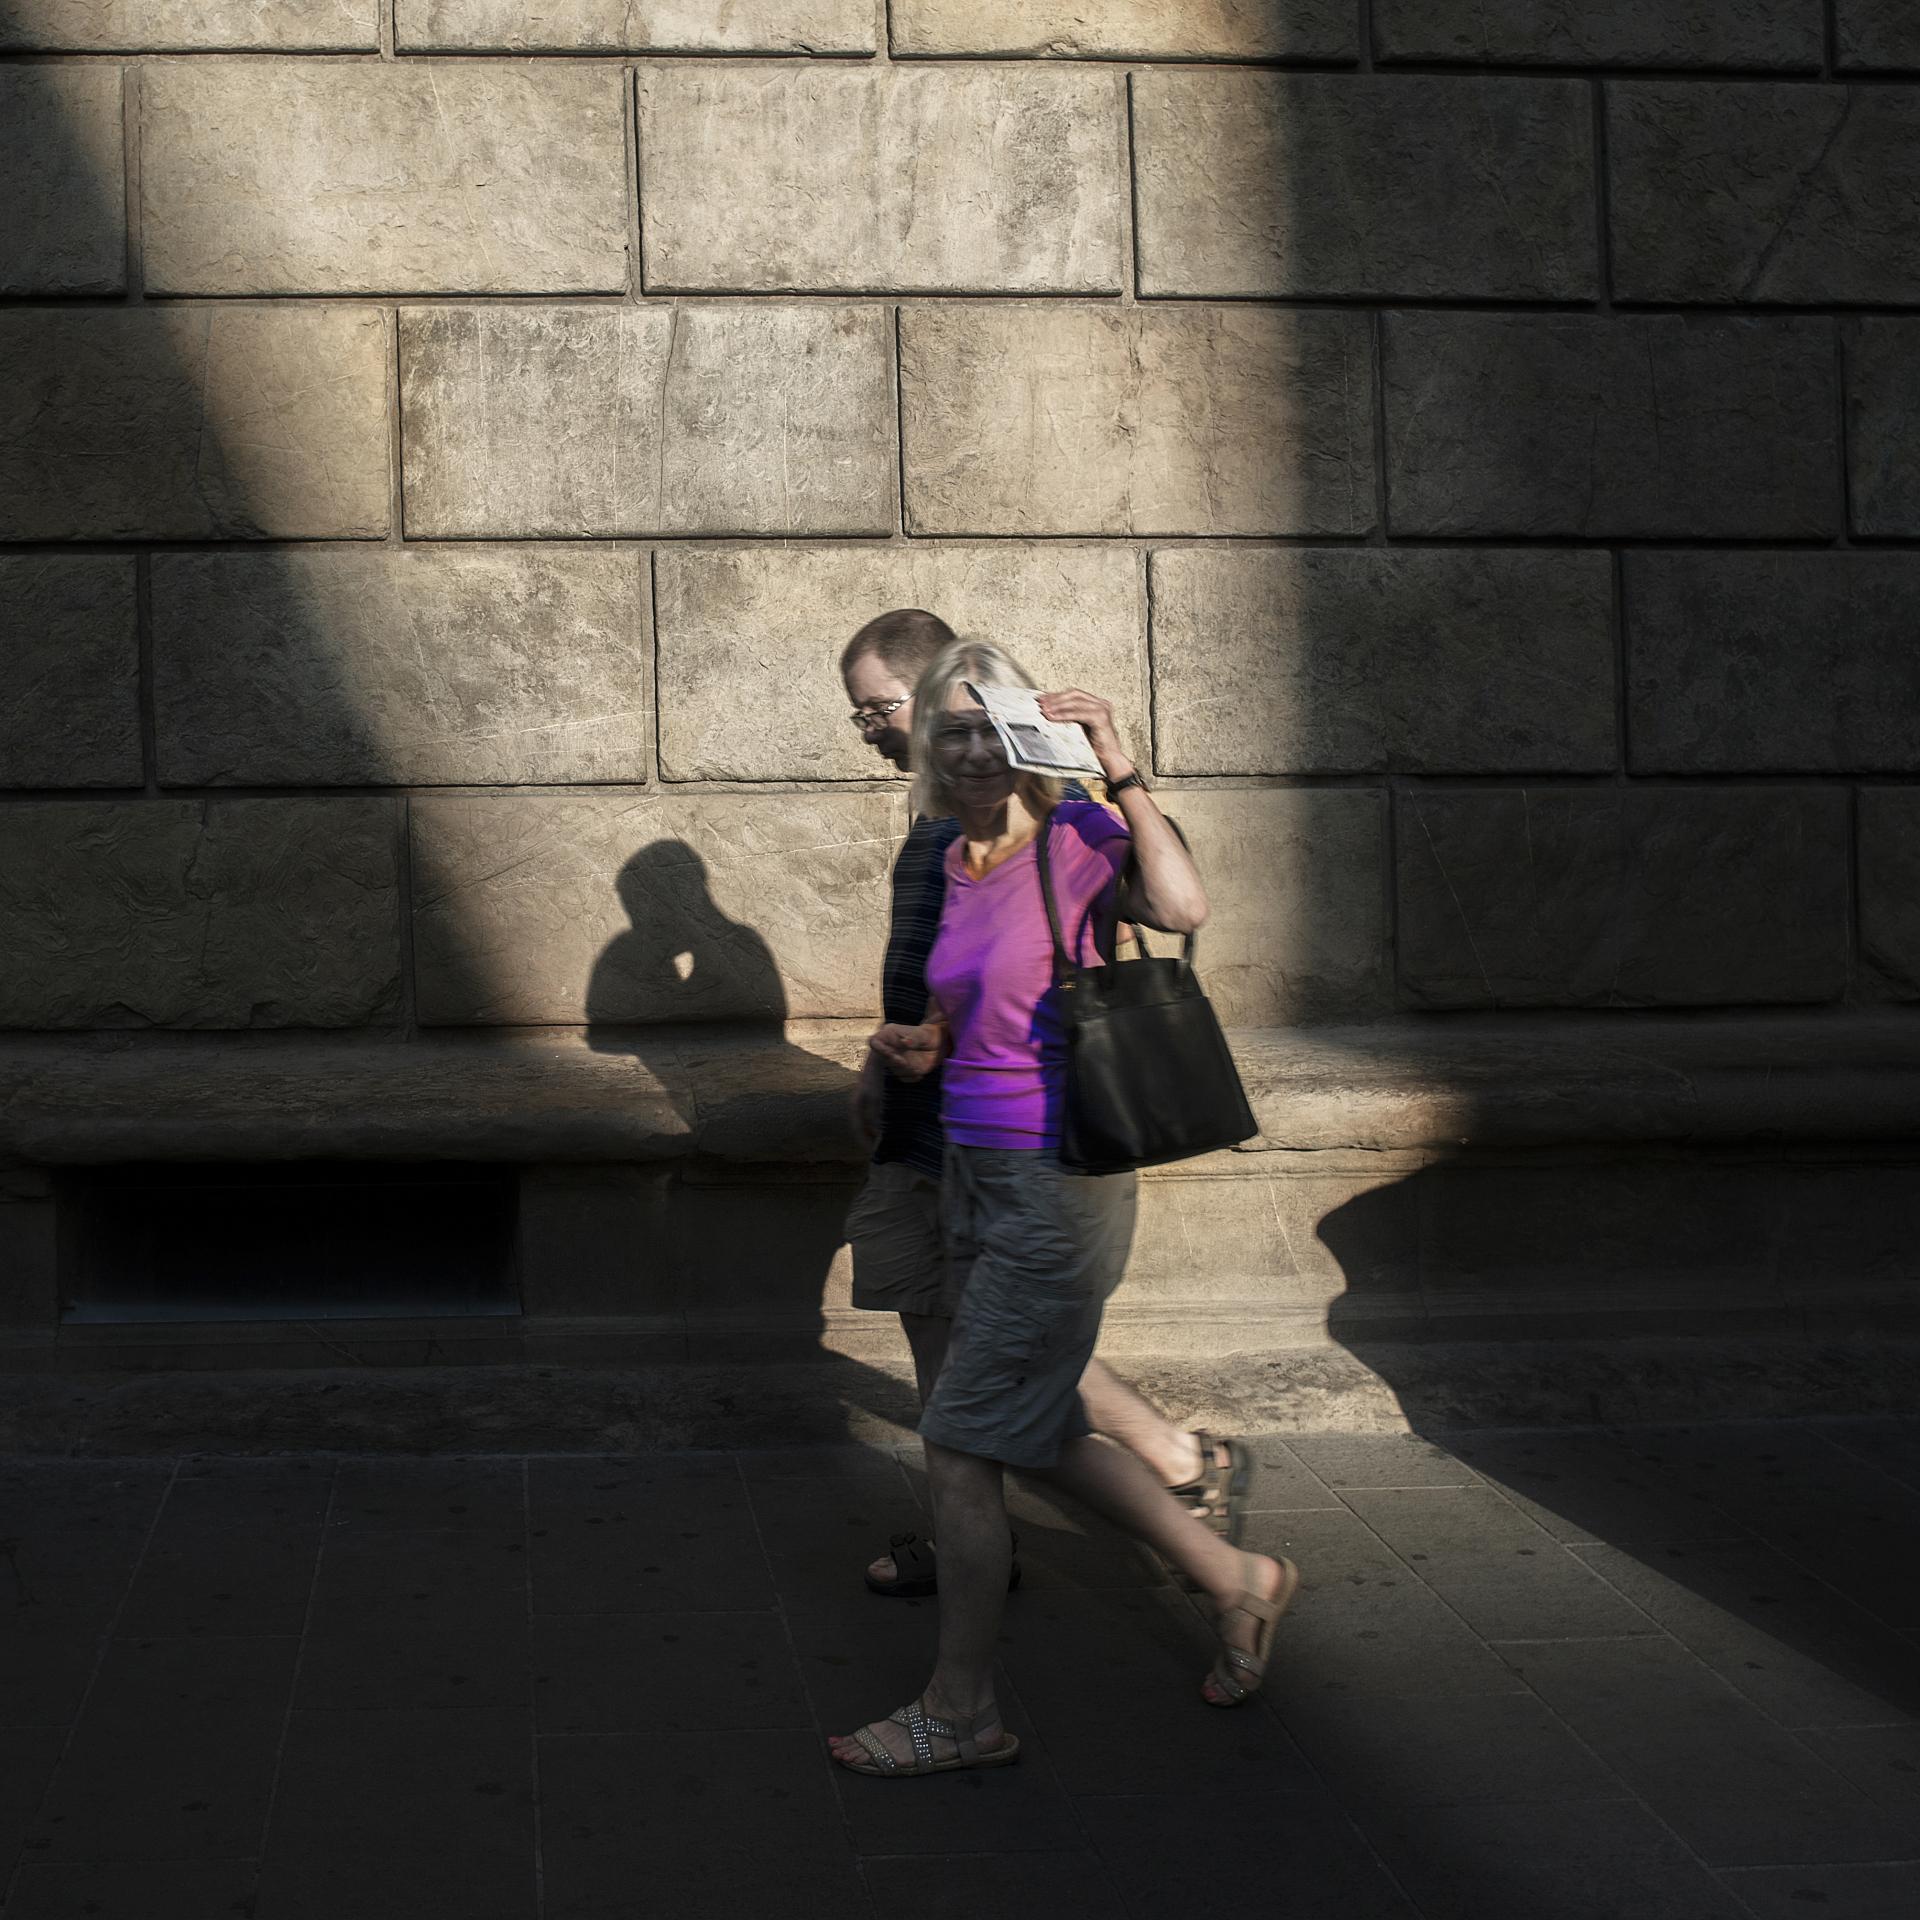 SETTIMA  Foto n° 30 MARCO LORINI  – Uno scatto di buona intuizione e grande velocità di ripresa. Indubbiamente se noi guardassimo soltanto l'ombra, si parlerebbe di un gesto di due innamorati, lo saranno pure i due figuranti, ma non nell'atto che l'ombra